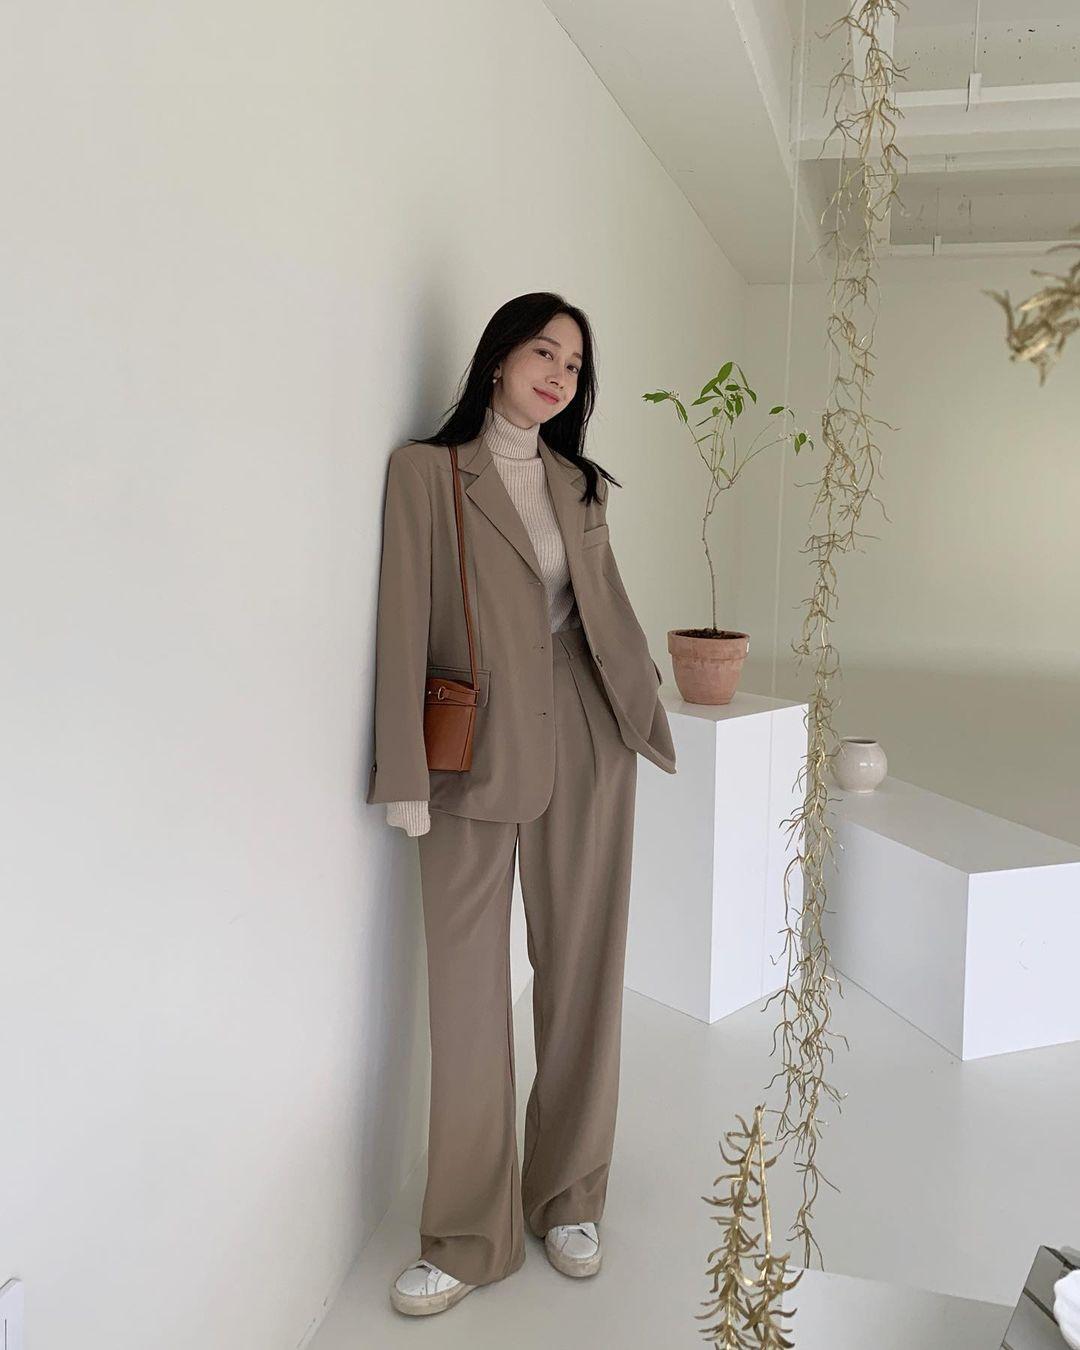 5 mẫu áo quá hợp để diện cùng blazer, bạn cần biết hết để không bao giờ thất bại trong chuyện mặc đẹp 16